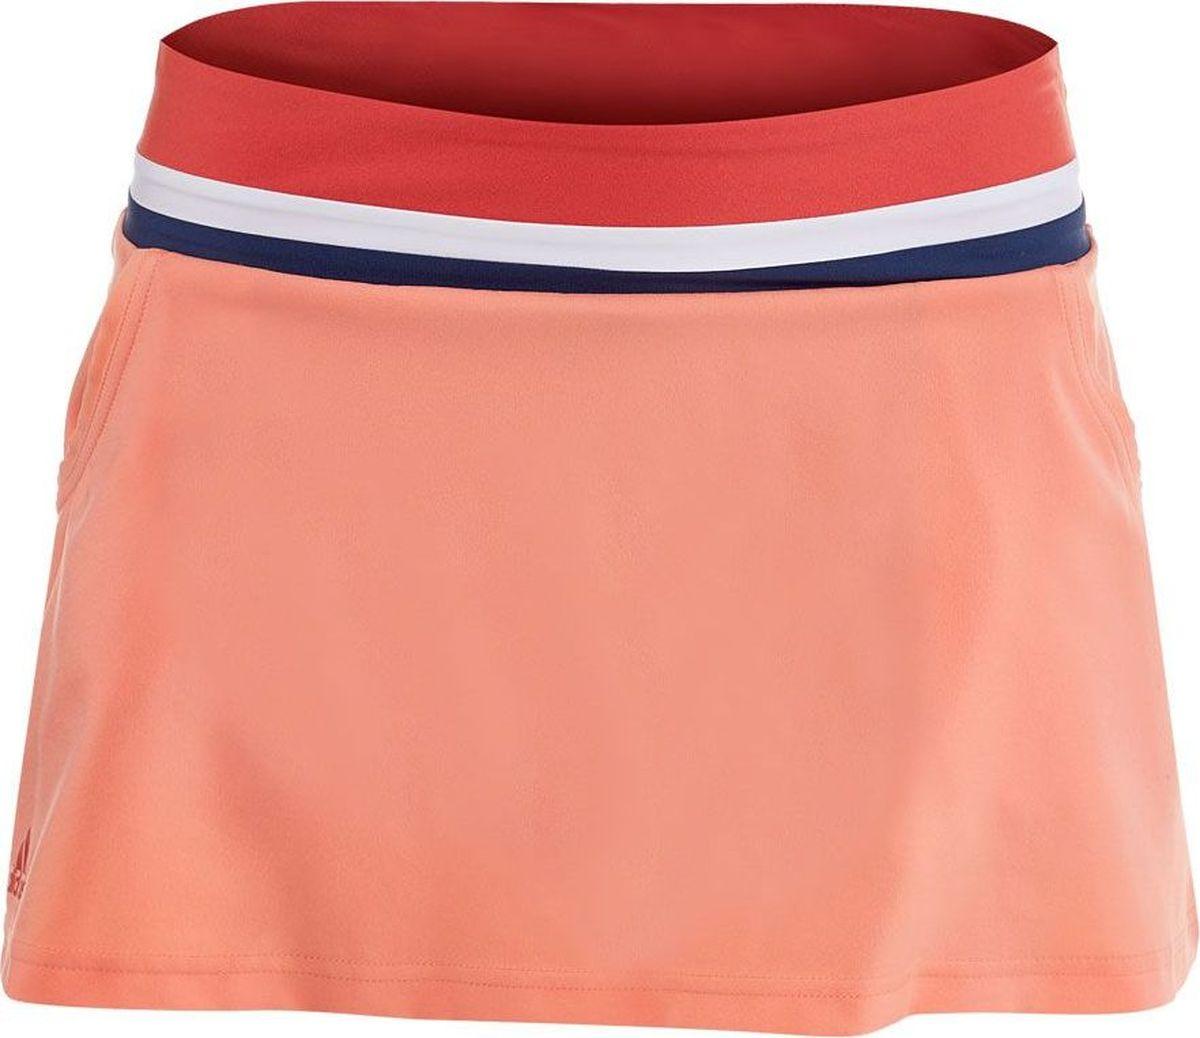 Юбка adidas Club Tank, цвет: коралловый. CE1487. Размер M (46/48) юбка шорты теннисная adidas аdizero ak0351 белая